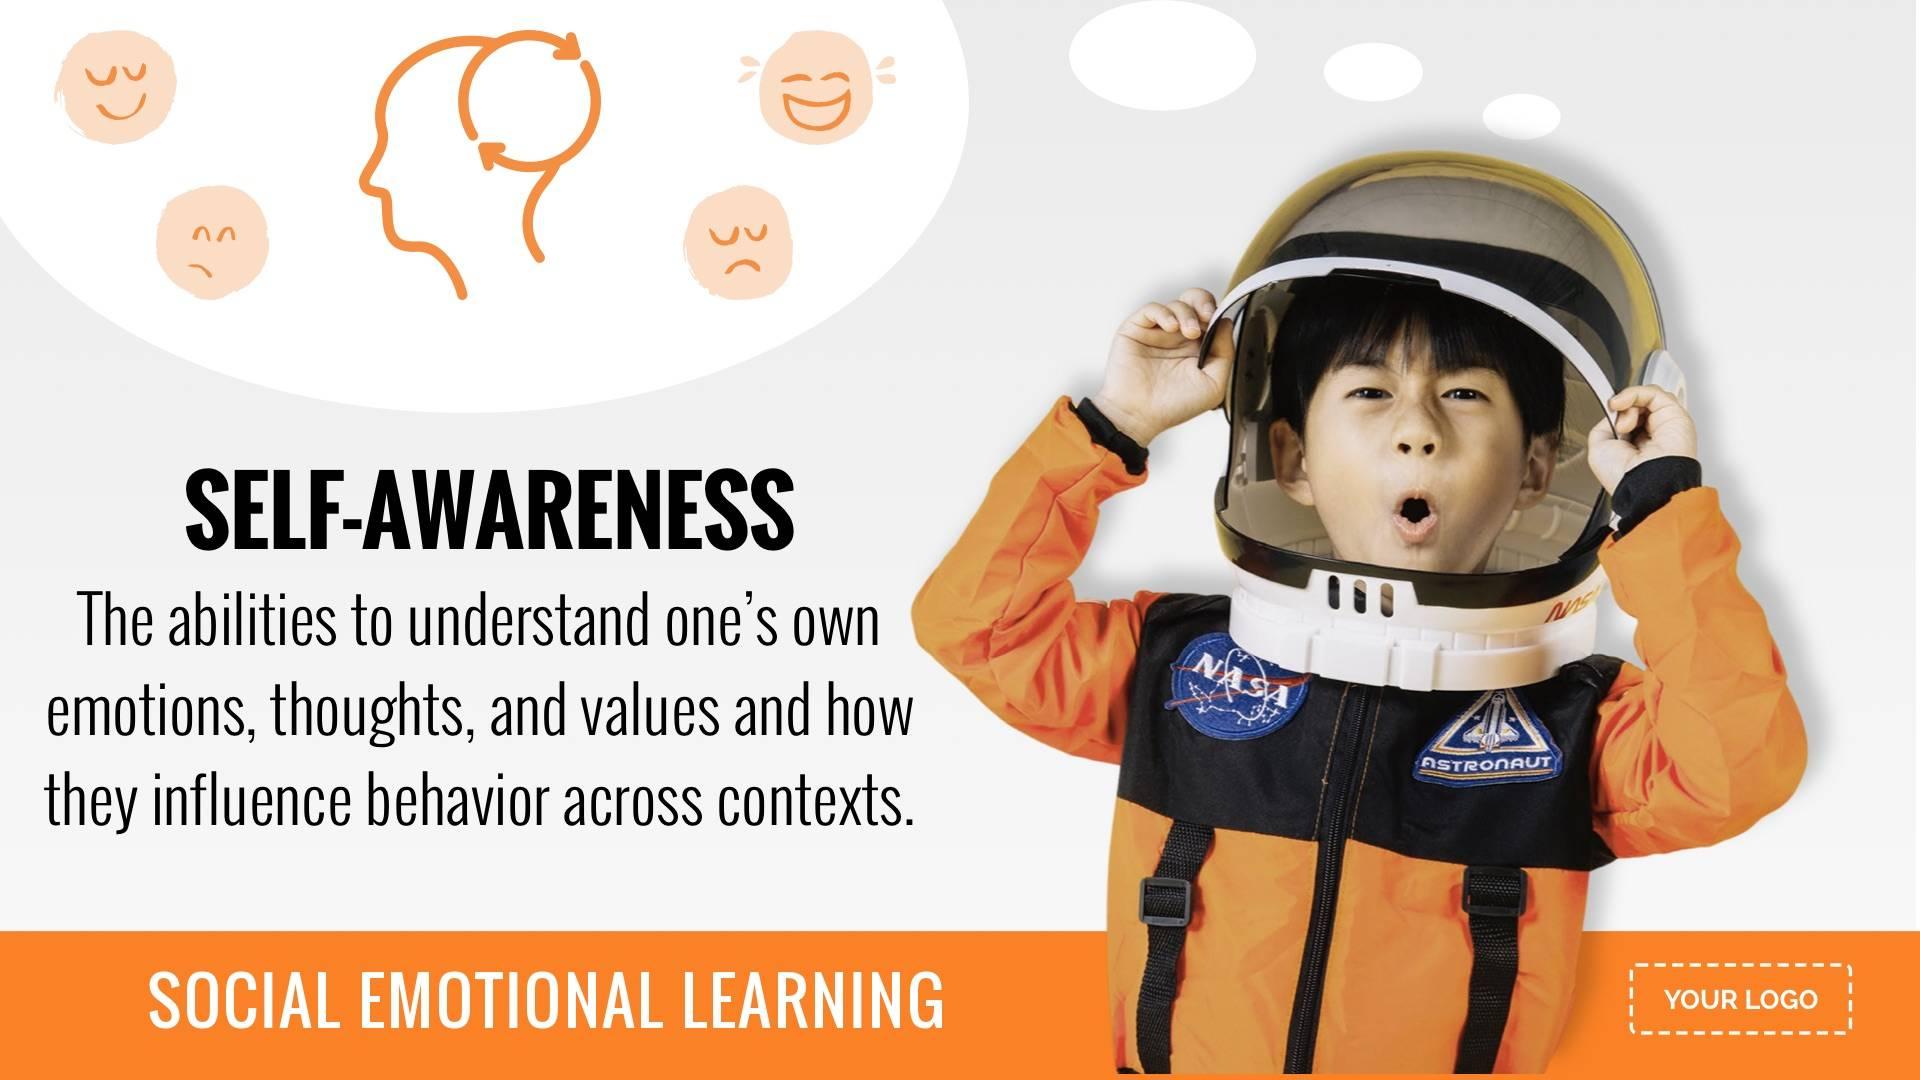 SEL - Self Awareness Digital Signage Template